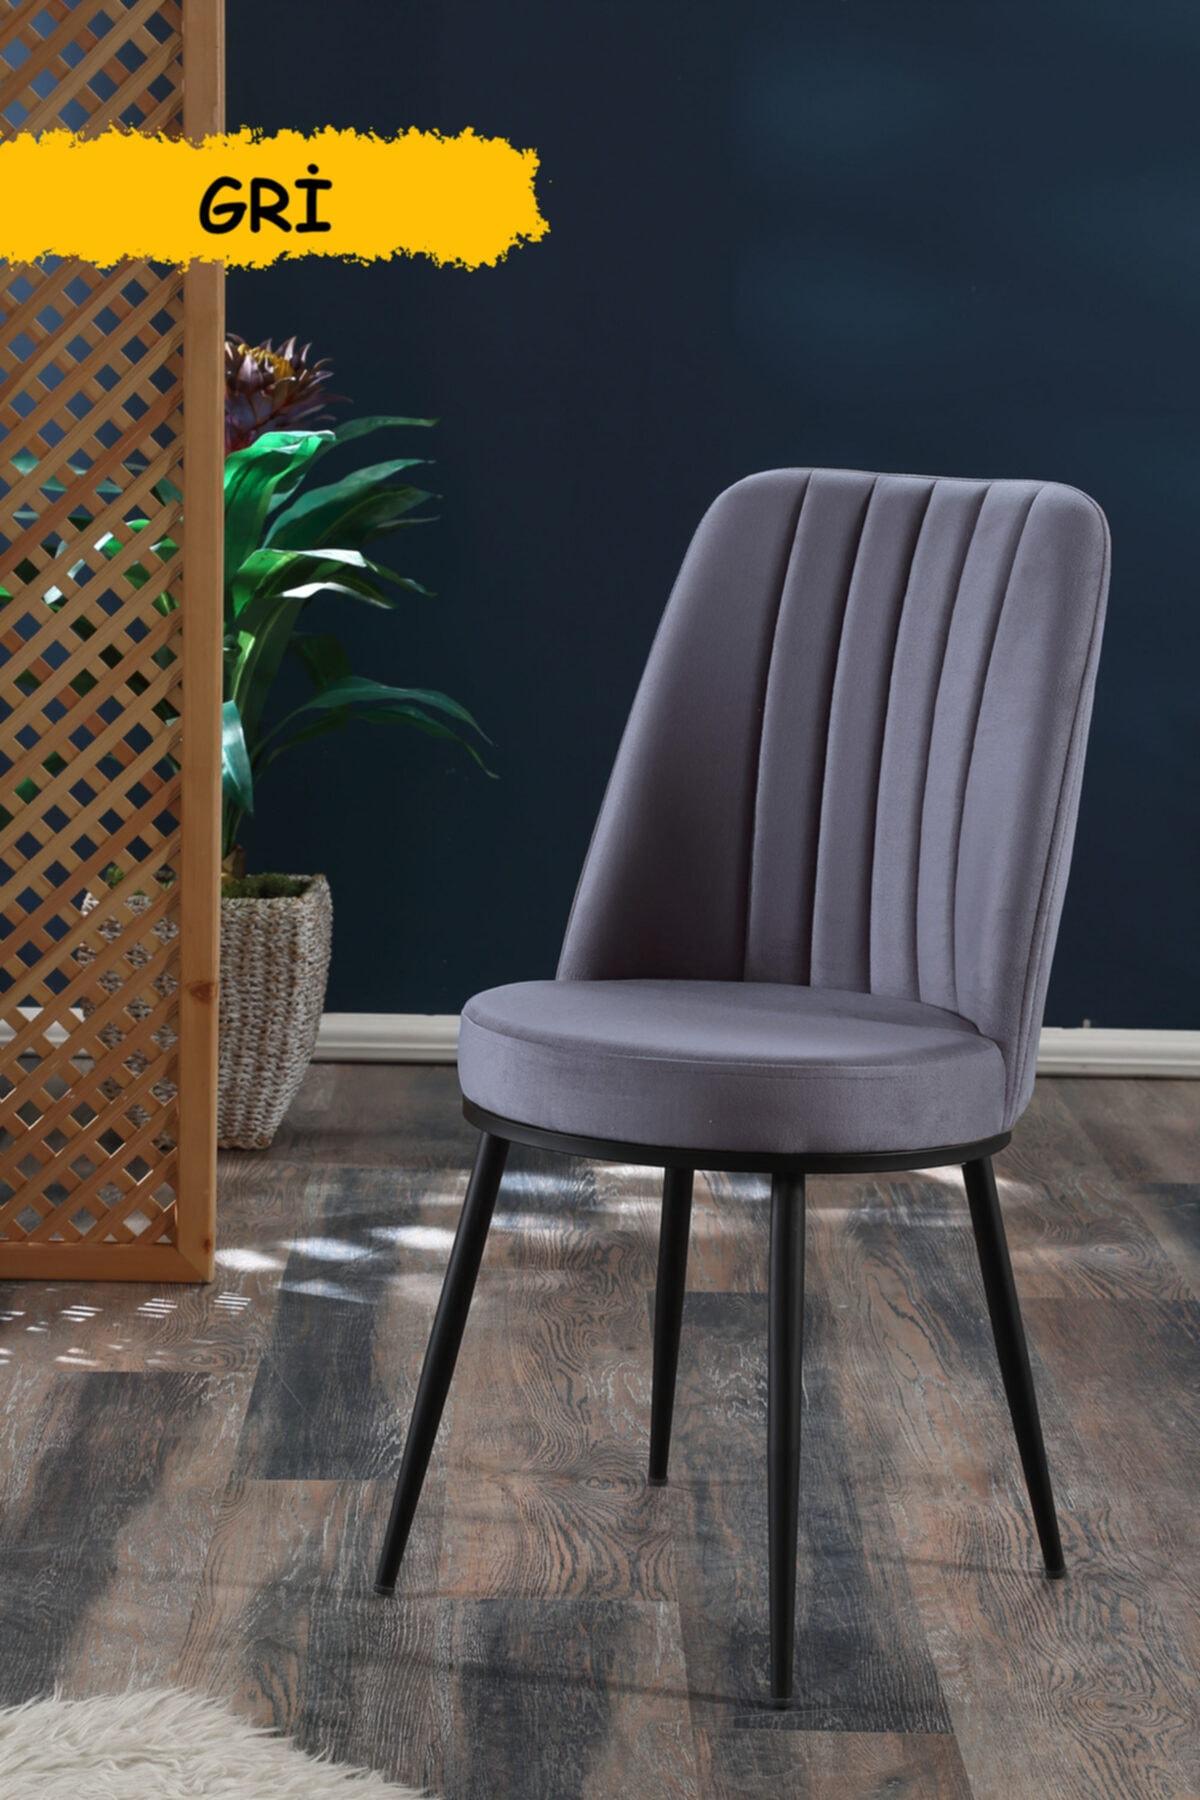 Gold Sandalye Gri - Metal Siyah Ayaklı